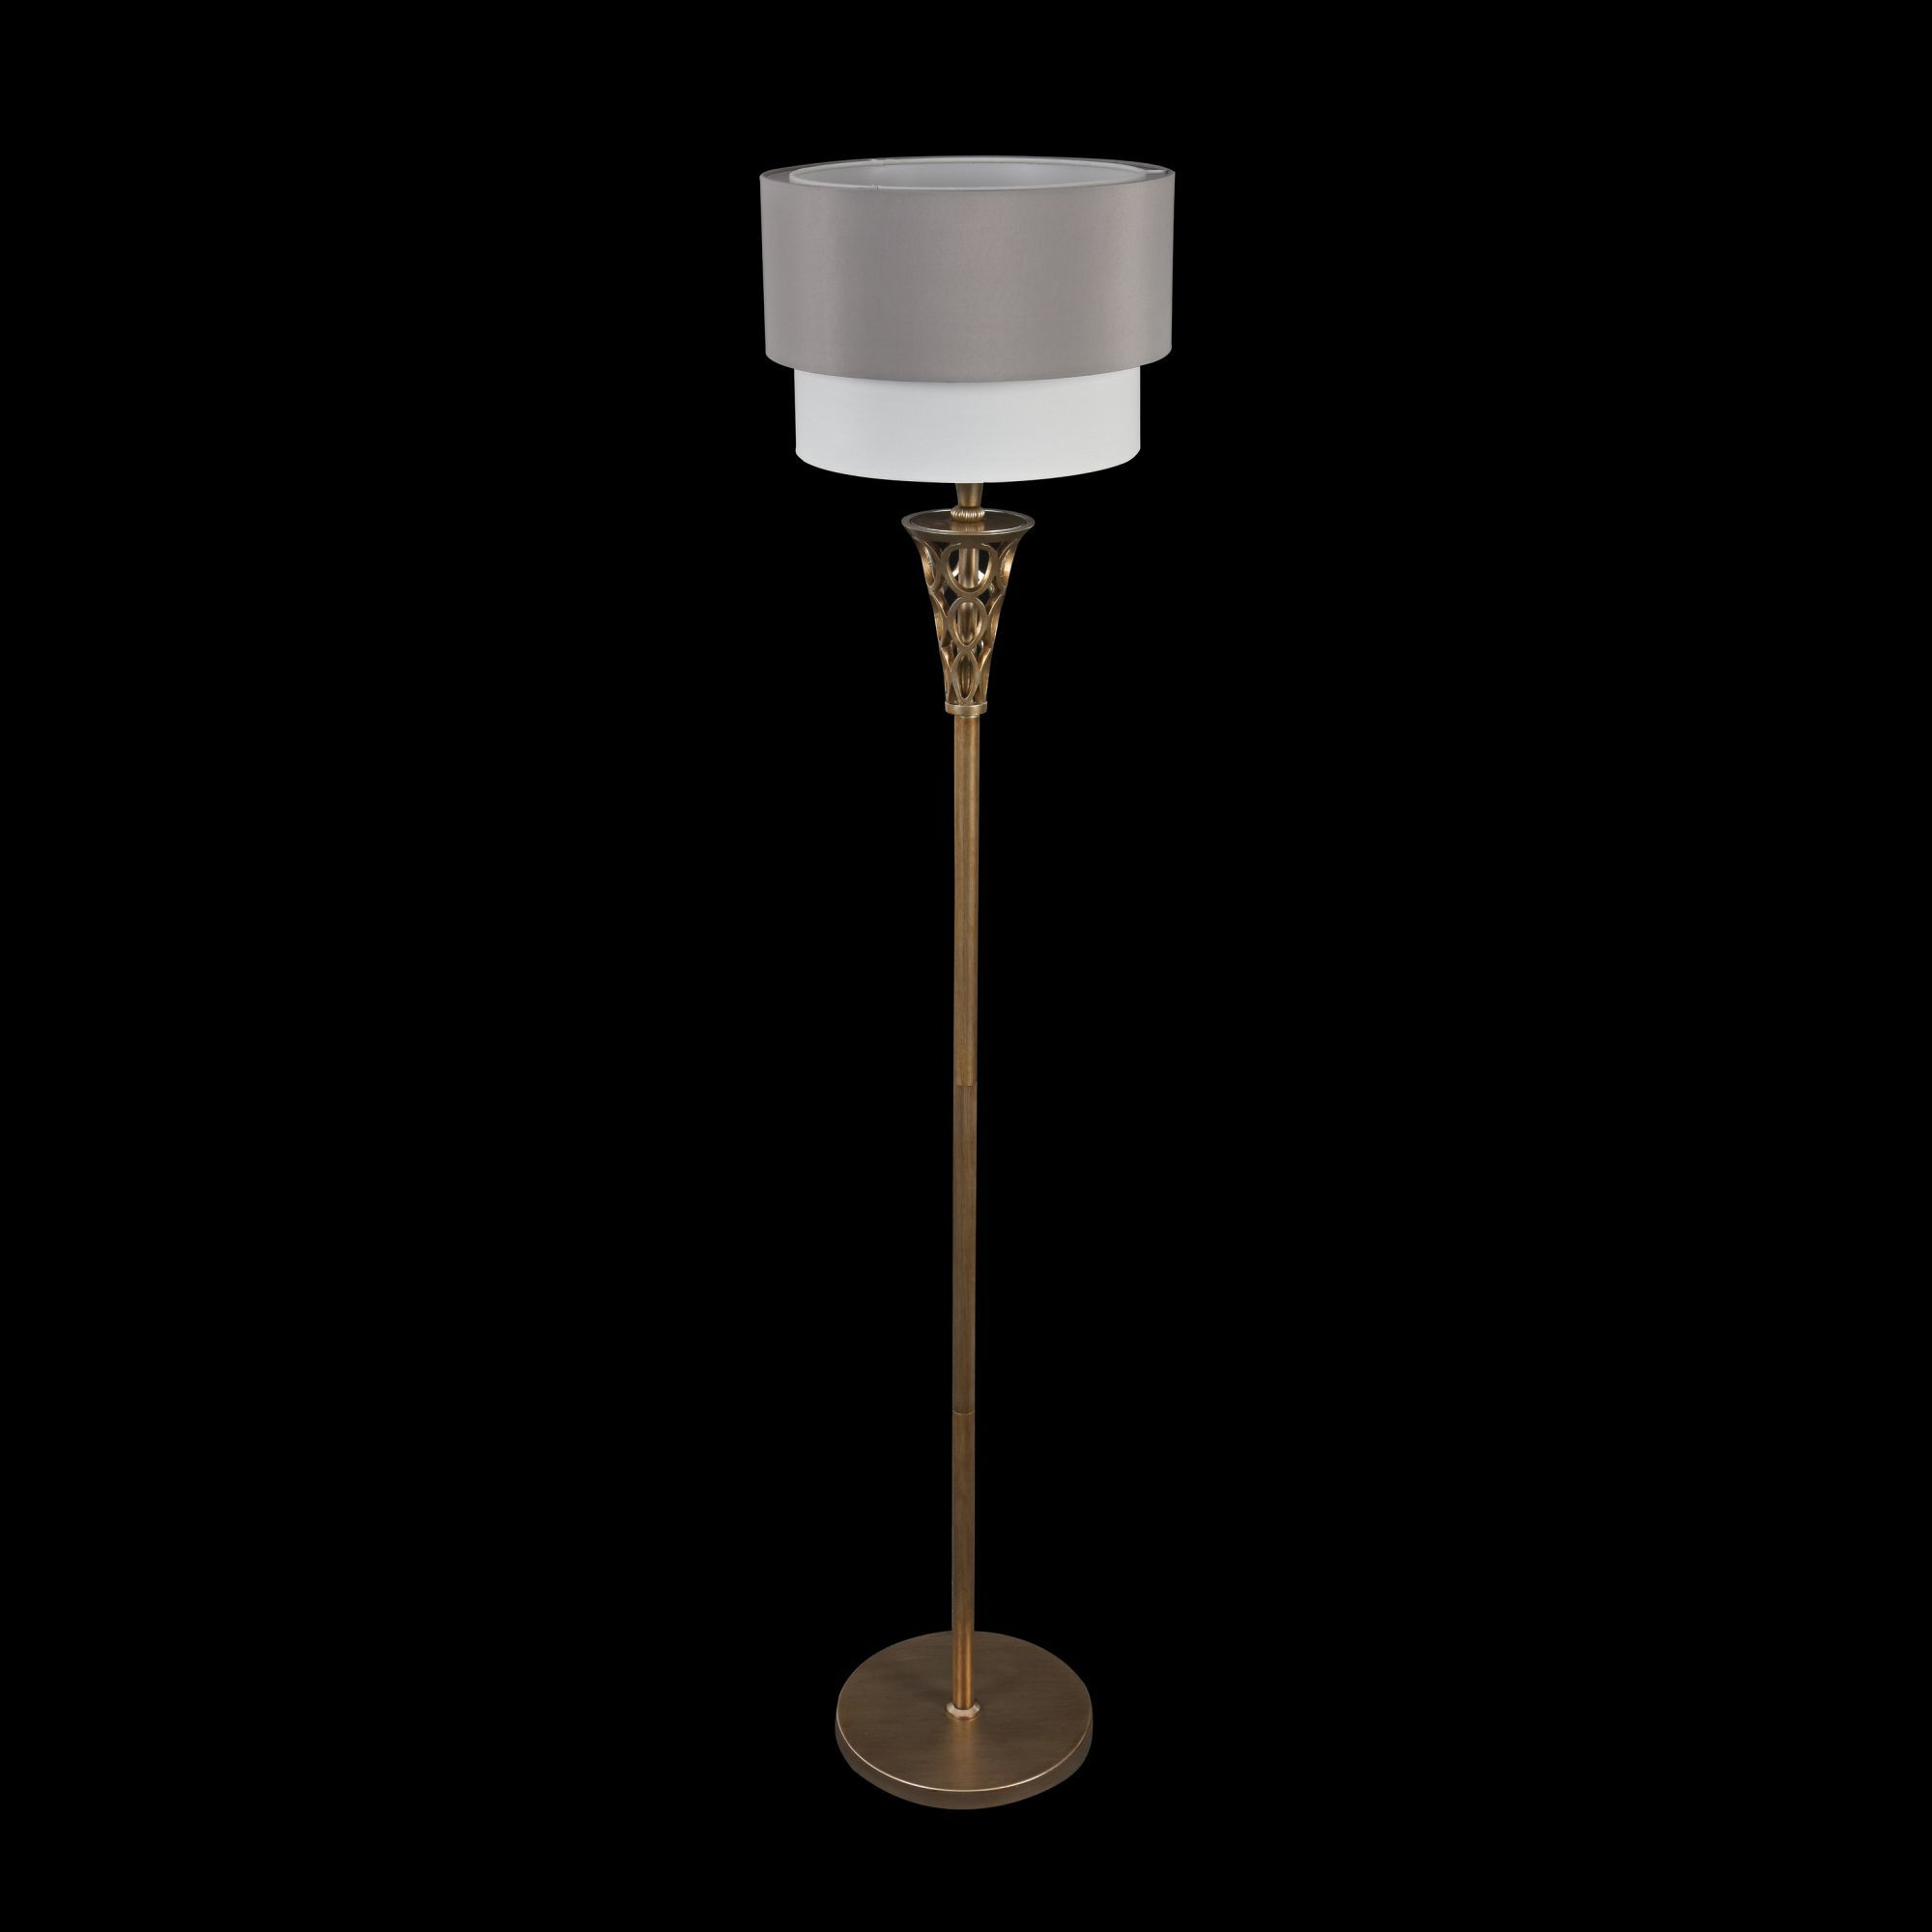 Торшер Maytoni Lillian H311-FL-01-G, 1xE27x100W, серебро, серый, металл, текстиль - фото 2